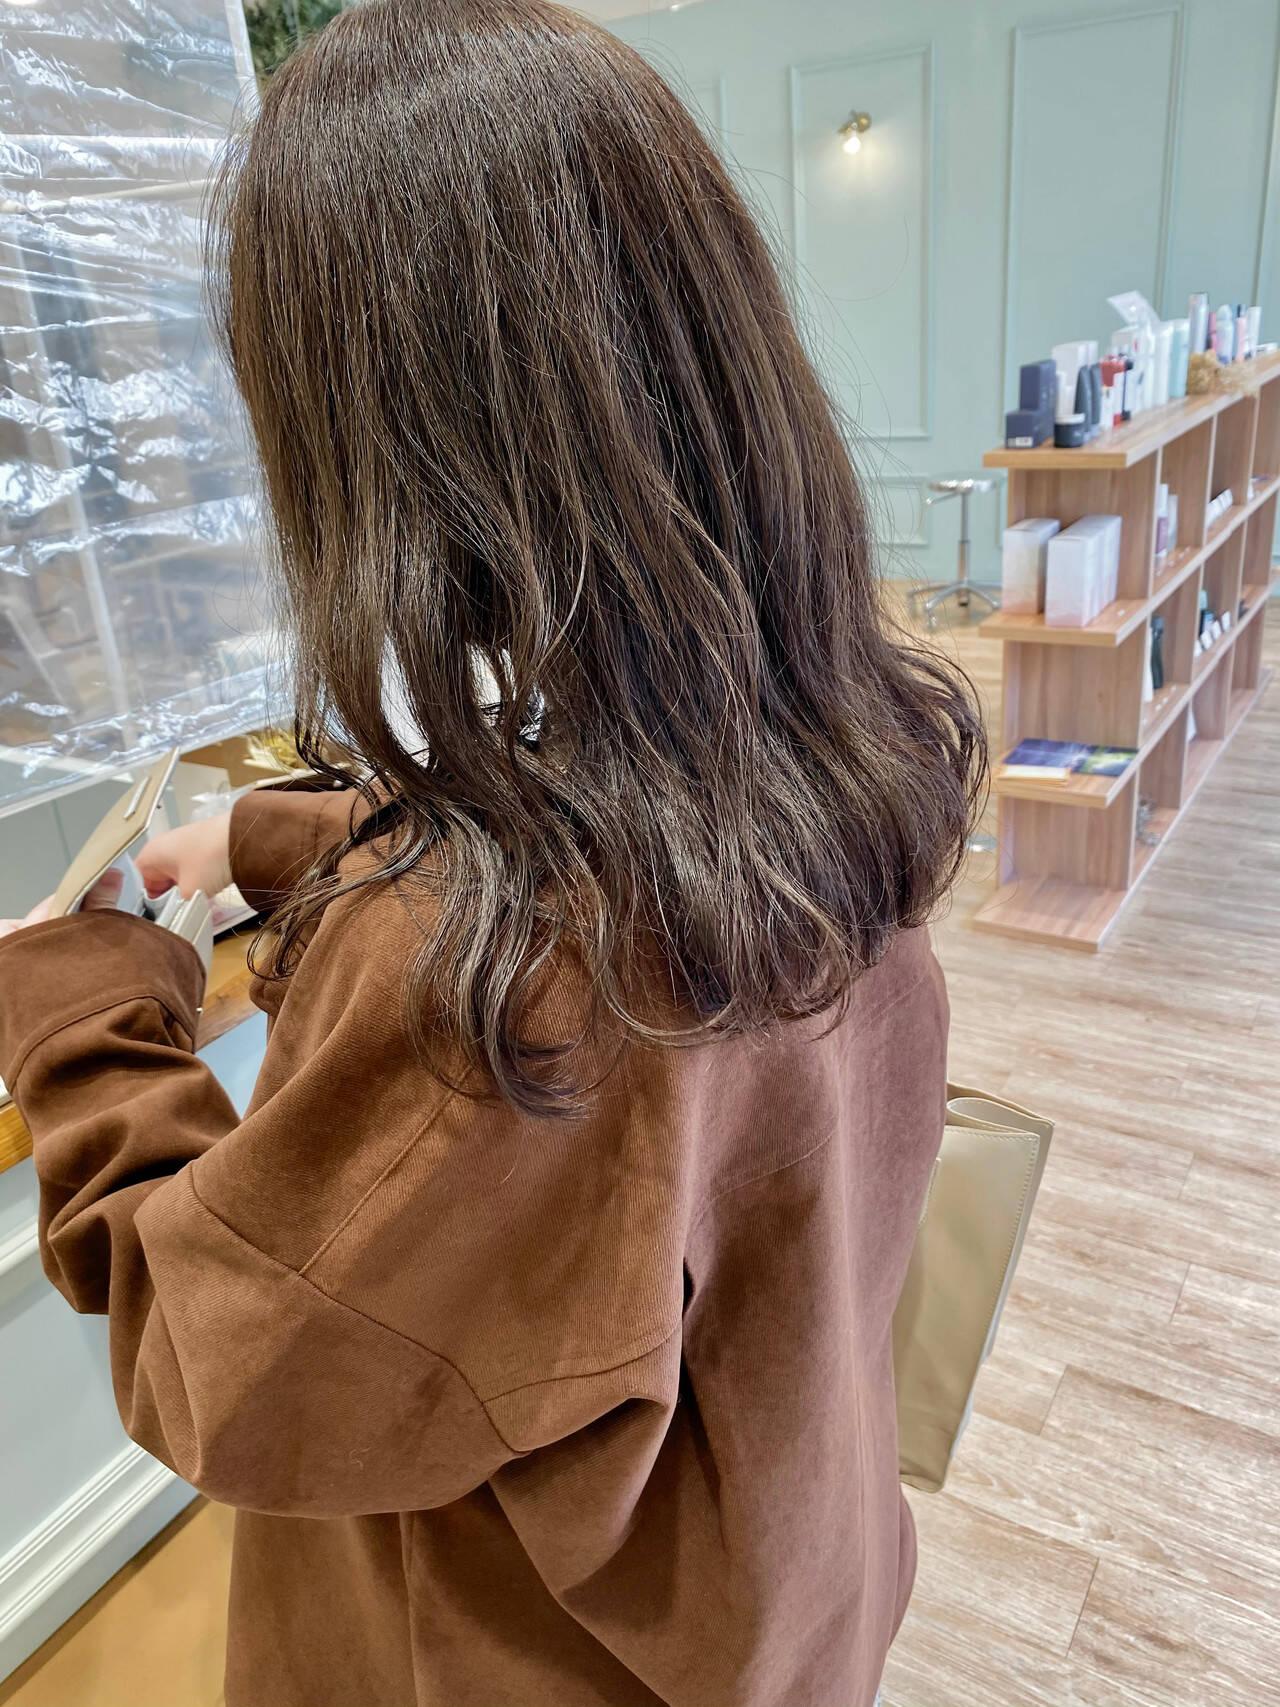 透け感ヘア モテ髪 韓国ヘア フェミニンヘアスタイルや髪型の写真・画像